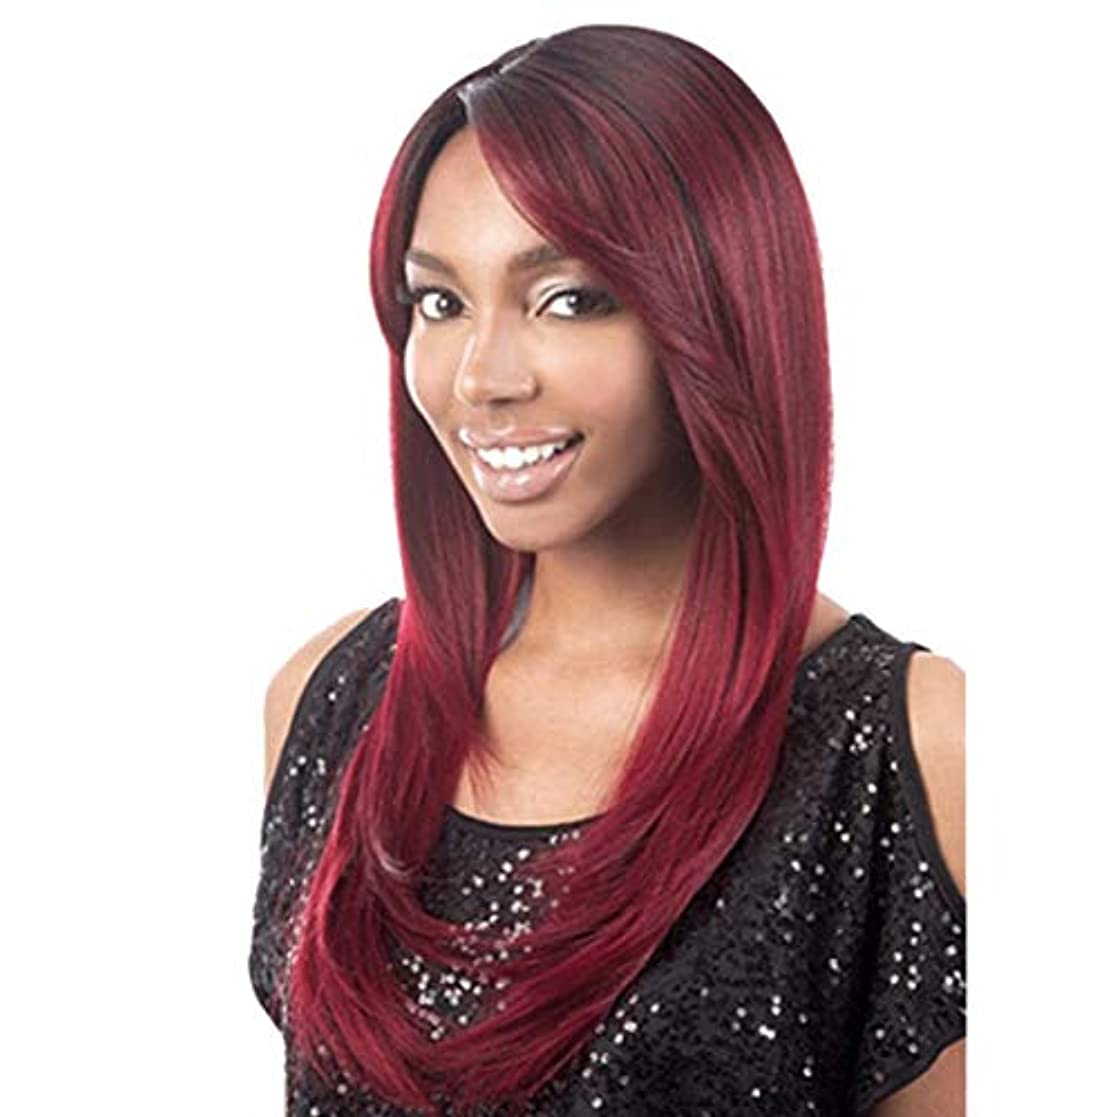 正当化する版クランシーKerwinner 女性の半分手のための赤い側部分長い自然なストレート耐熱合成毛の交換かつら